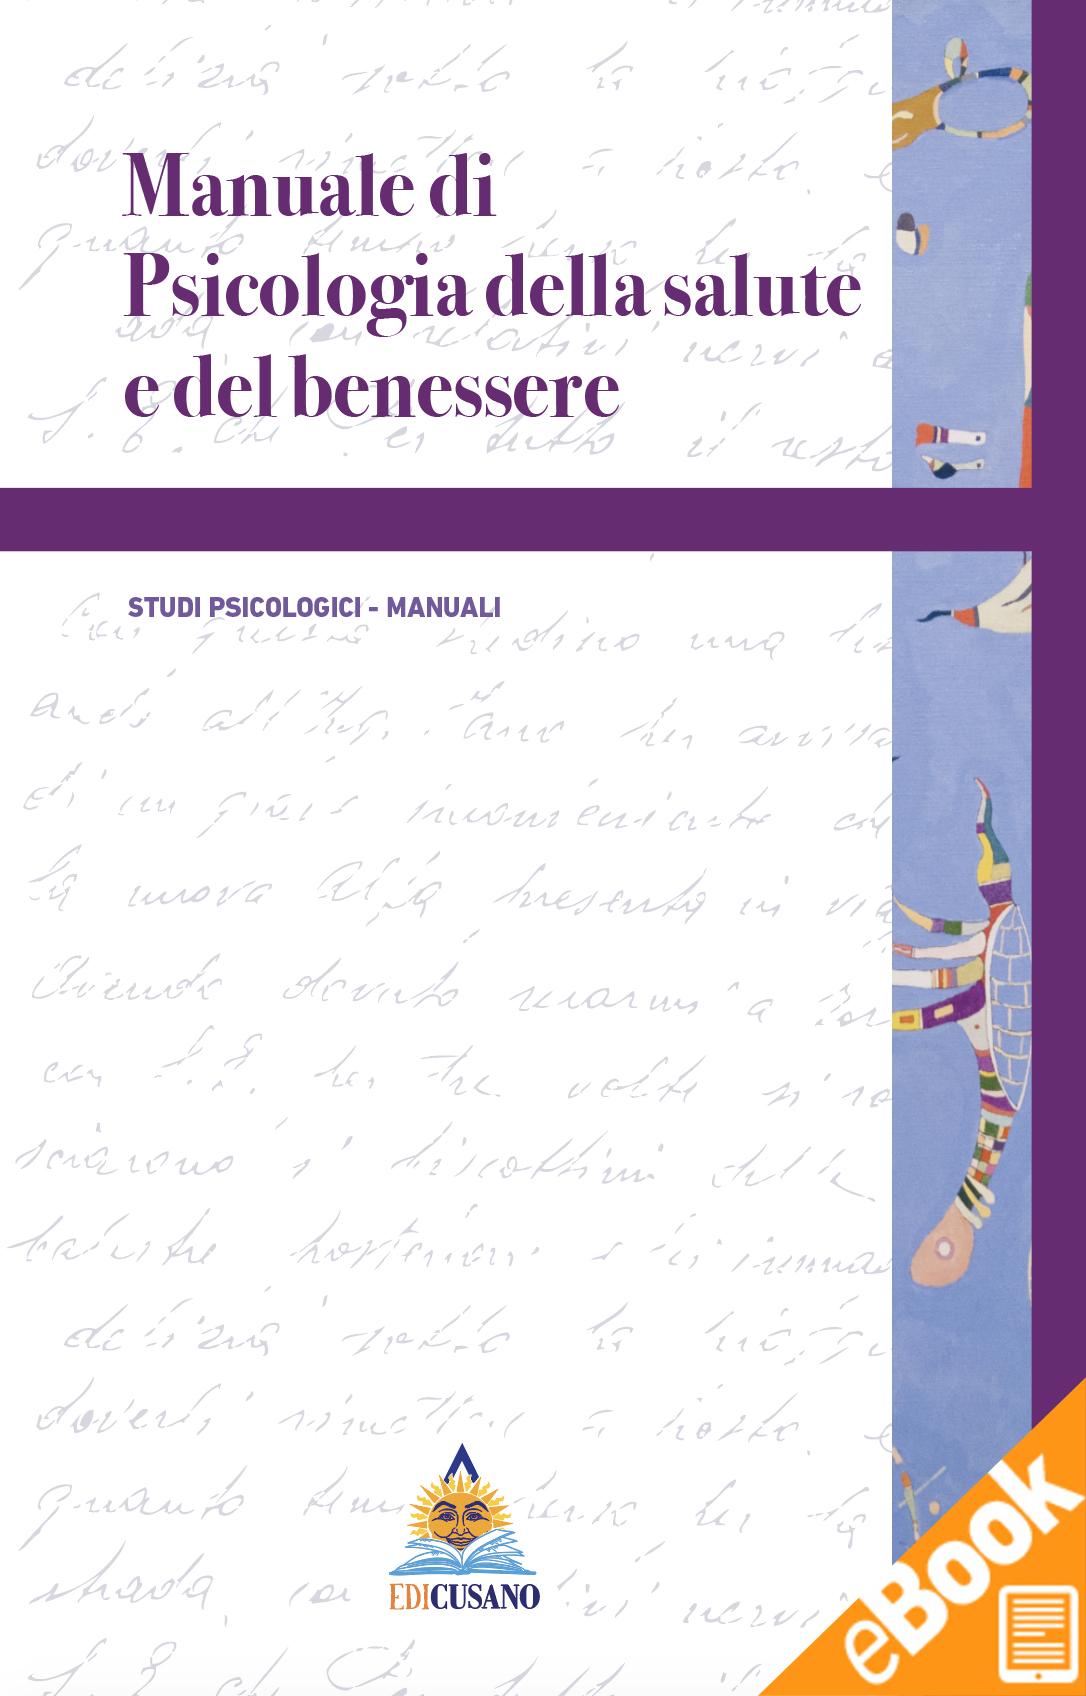 Manuale Di Psicologia Della Salute E Del Benessere Formato Digitale Mobi Edicusano